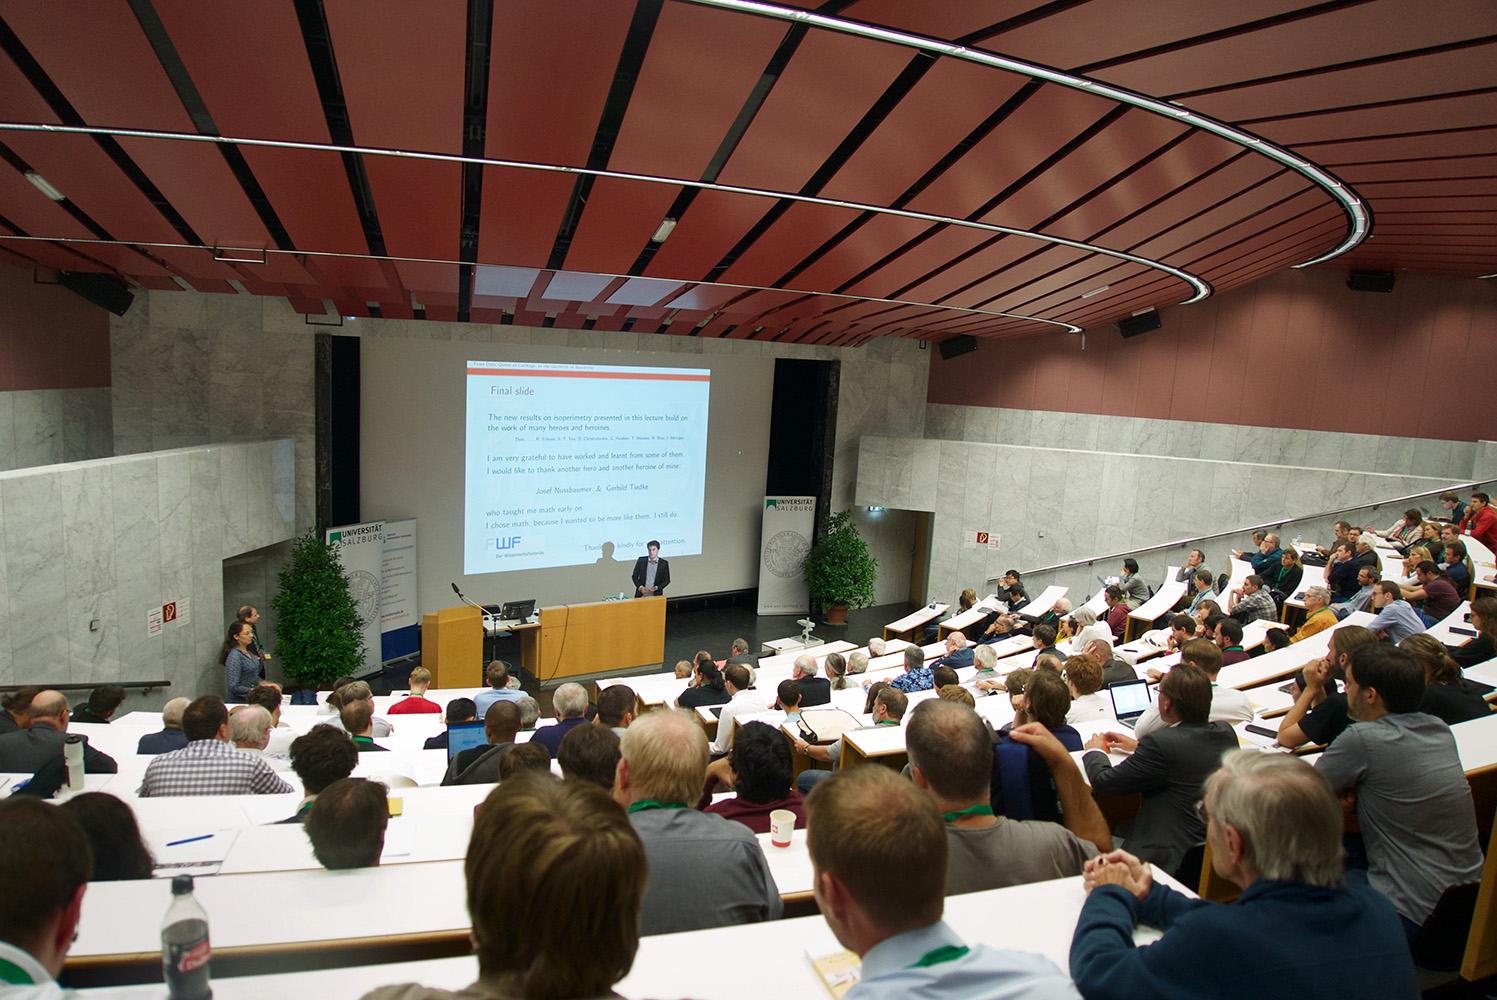 Plenarvortrag von Prof. Dr. Michael Eichmair